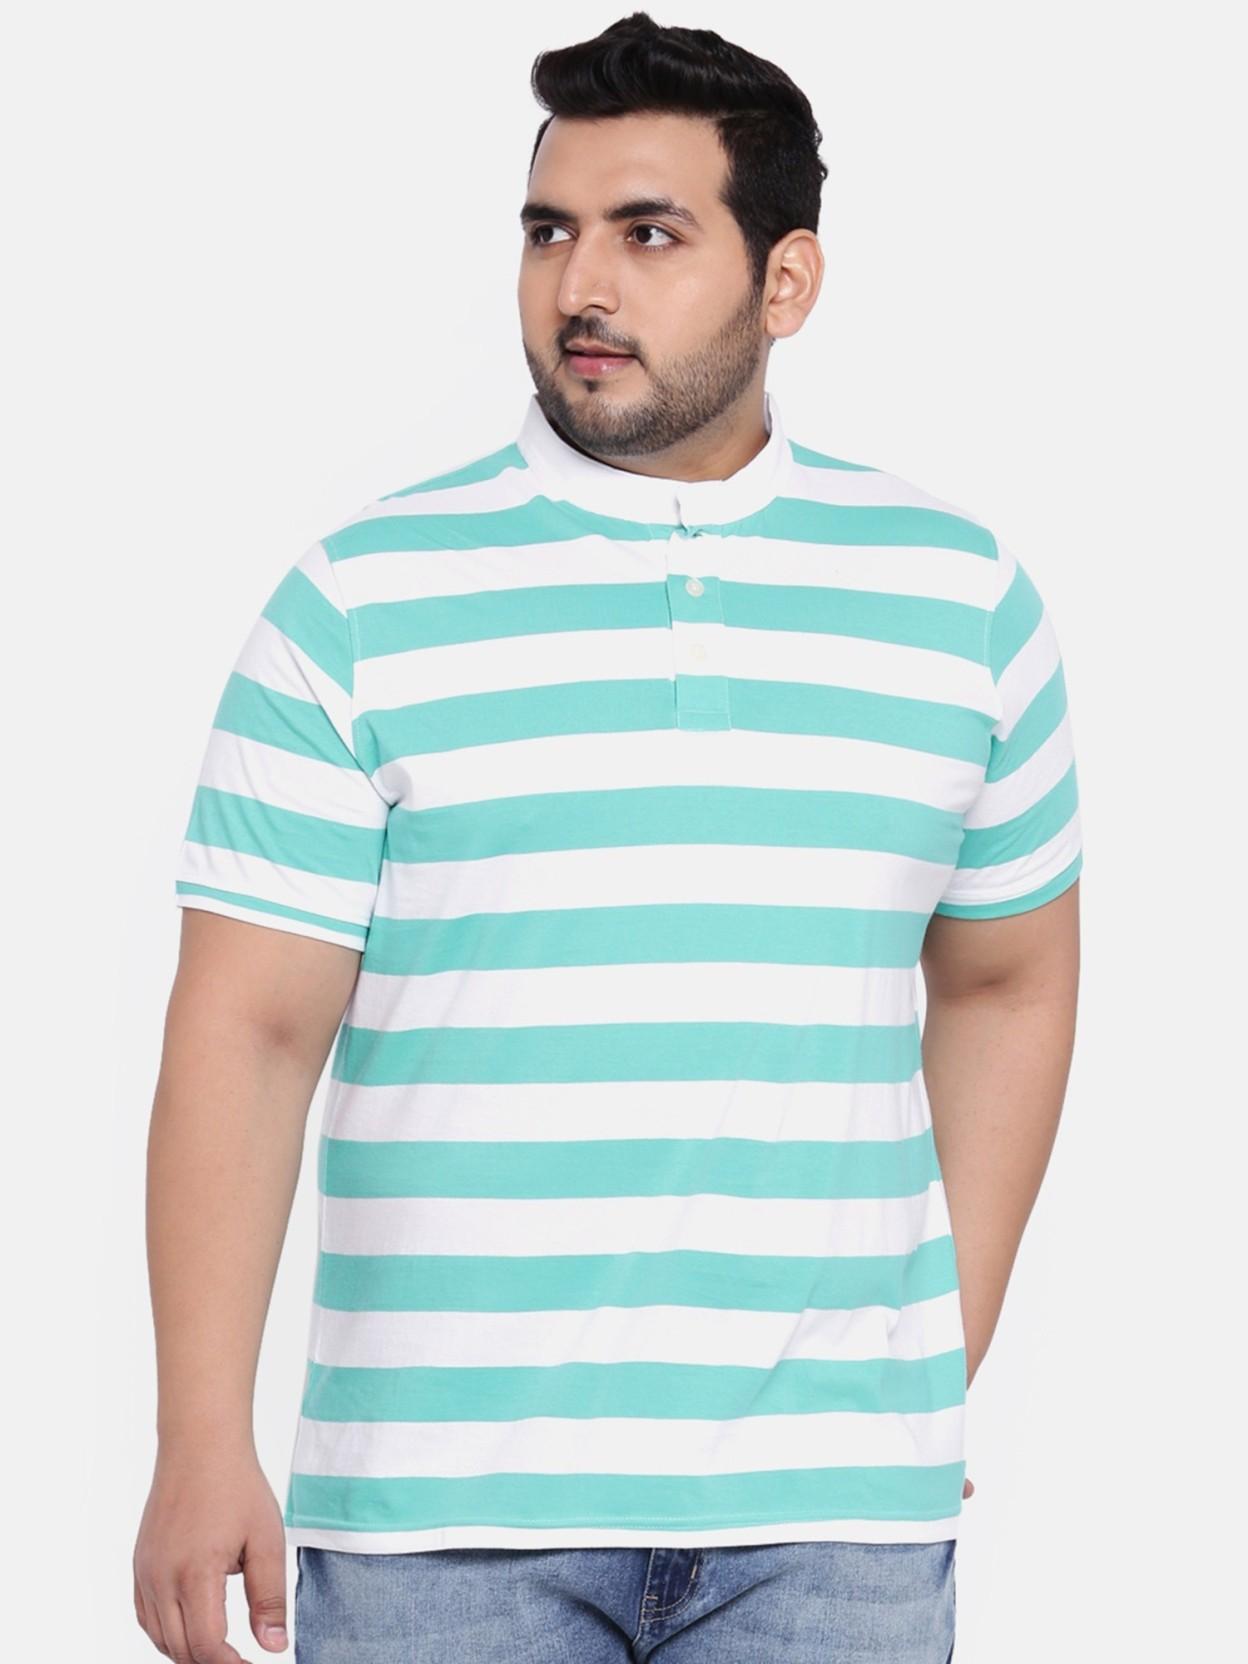 65d3a89d0 aLL Striped Men Mandarin Collar Light Green T-Shirt - Buy aLL ...